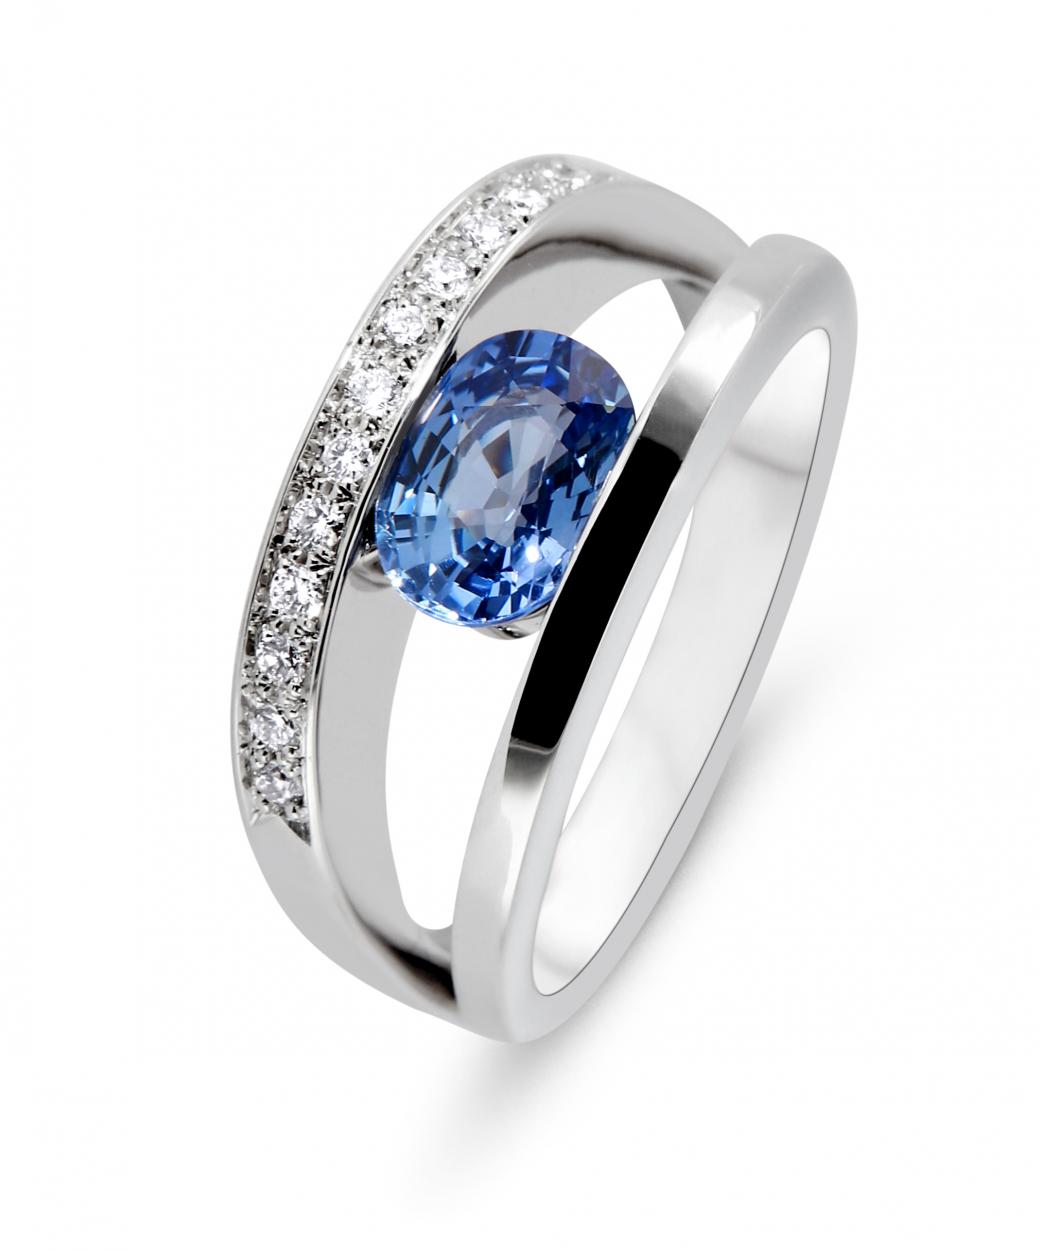 Bien-aimé Bague Or Blanc 750 Saphir Ceylan 8x6mm et Diamant Ref. 44078 DX15